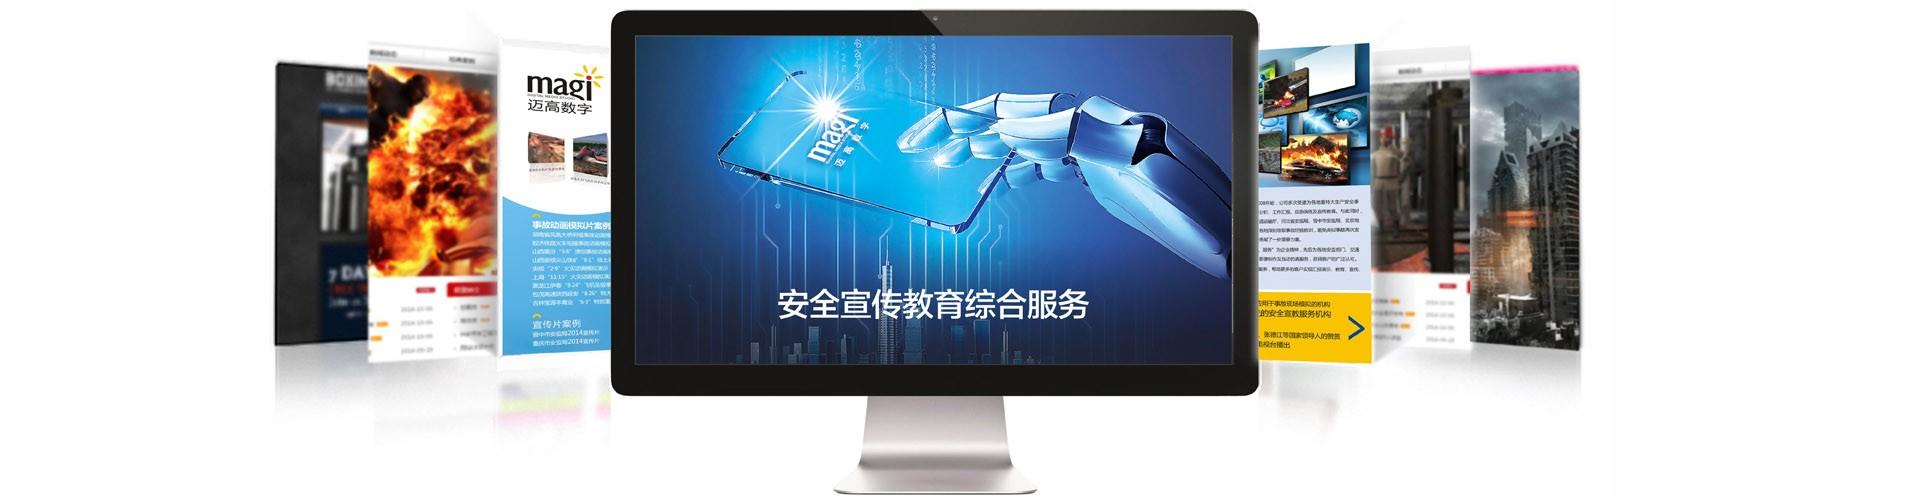 西安迈高数字技术有限公司